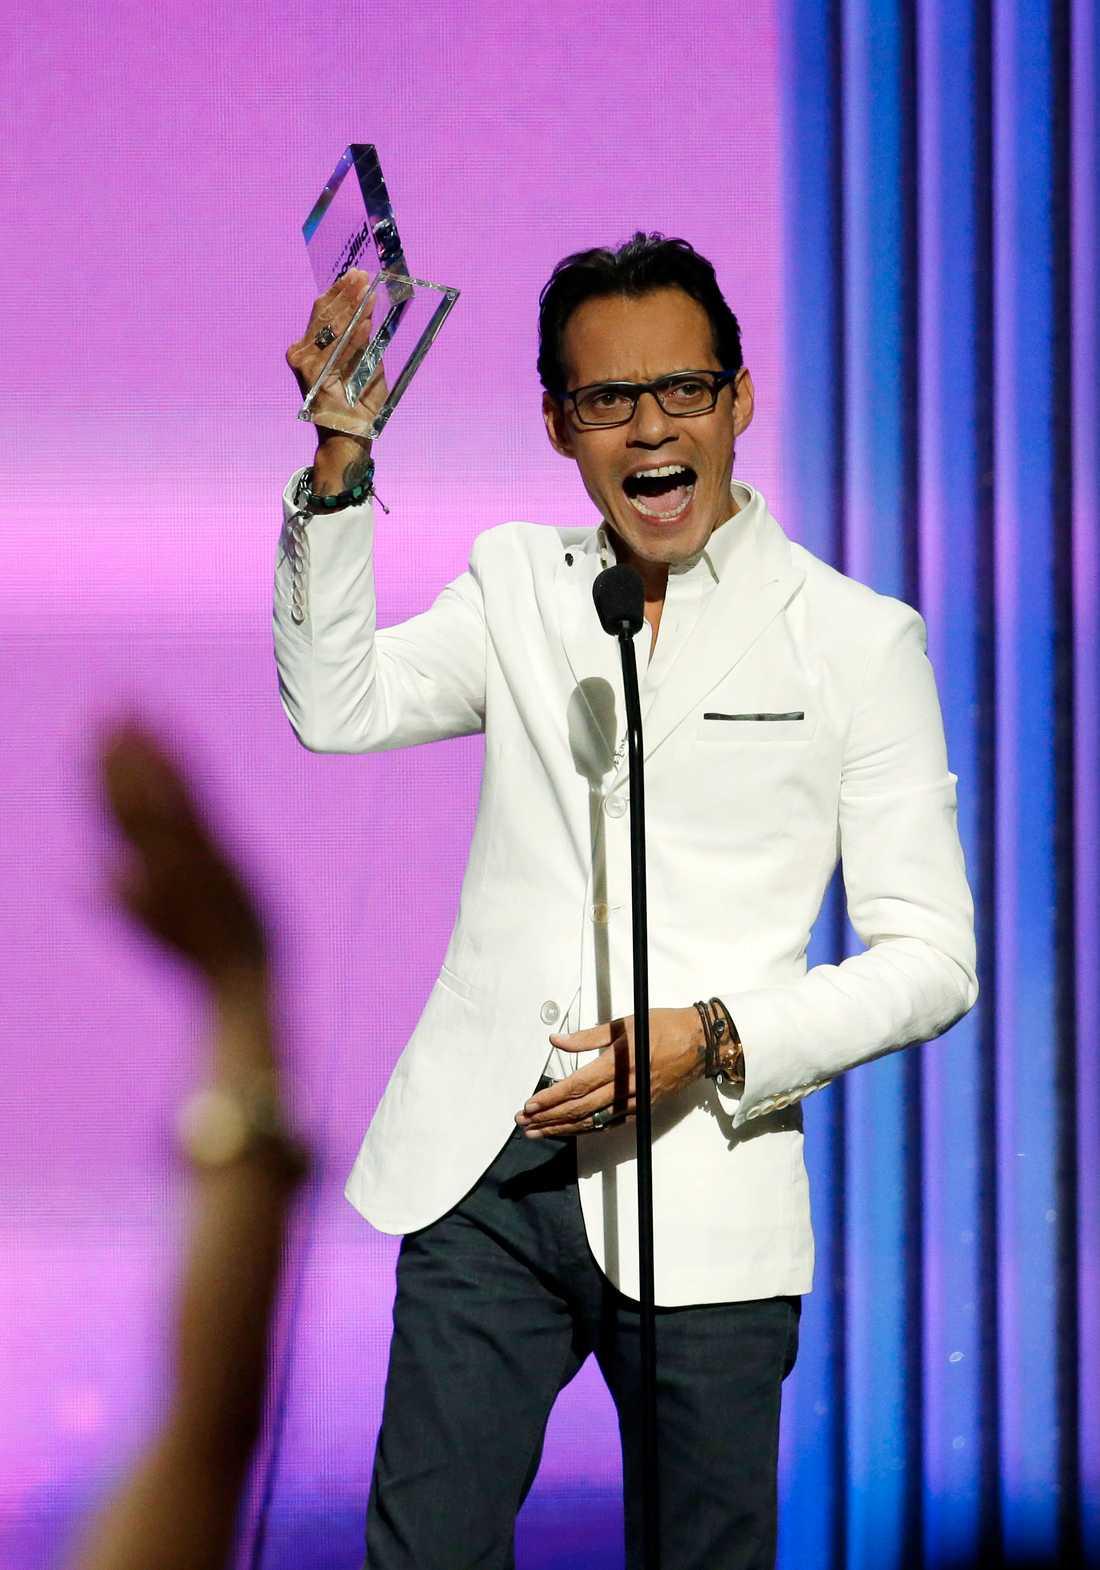 Marc Anthony när han vinner pris på Billboard Awards.